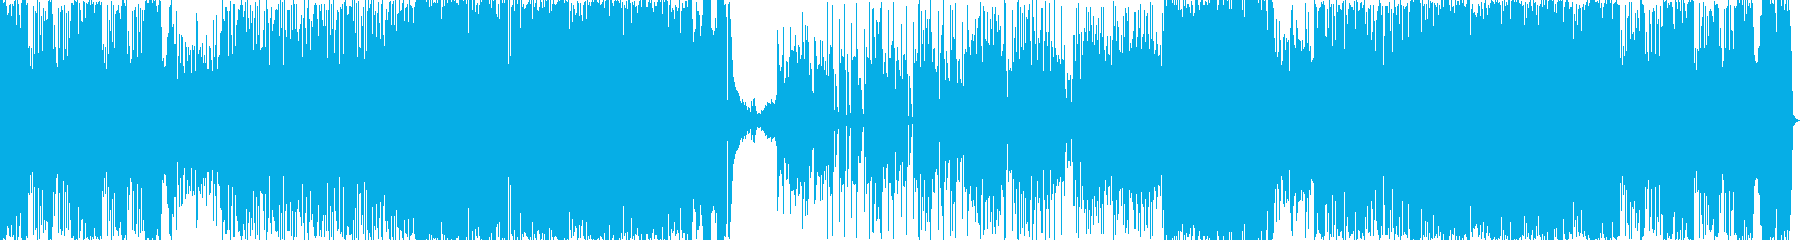 ルパン三世風ジャズの再生済みの波形